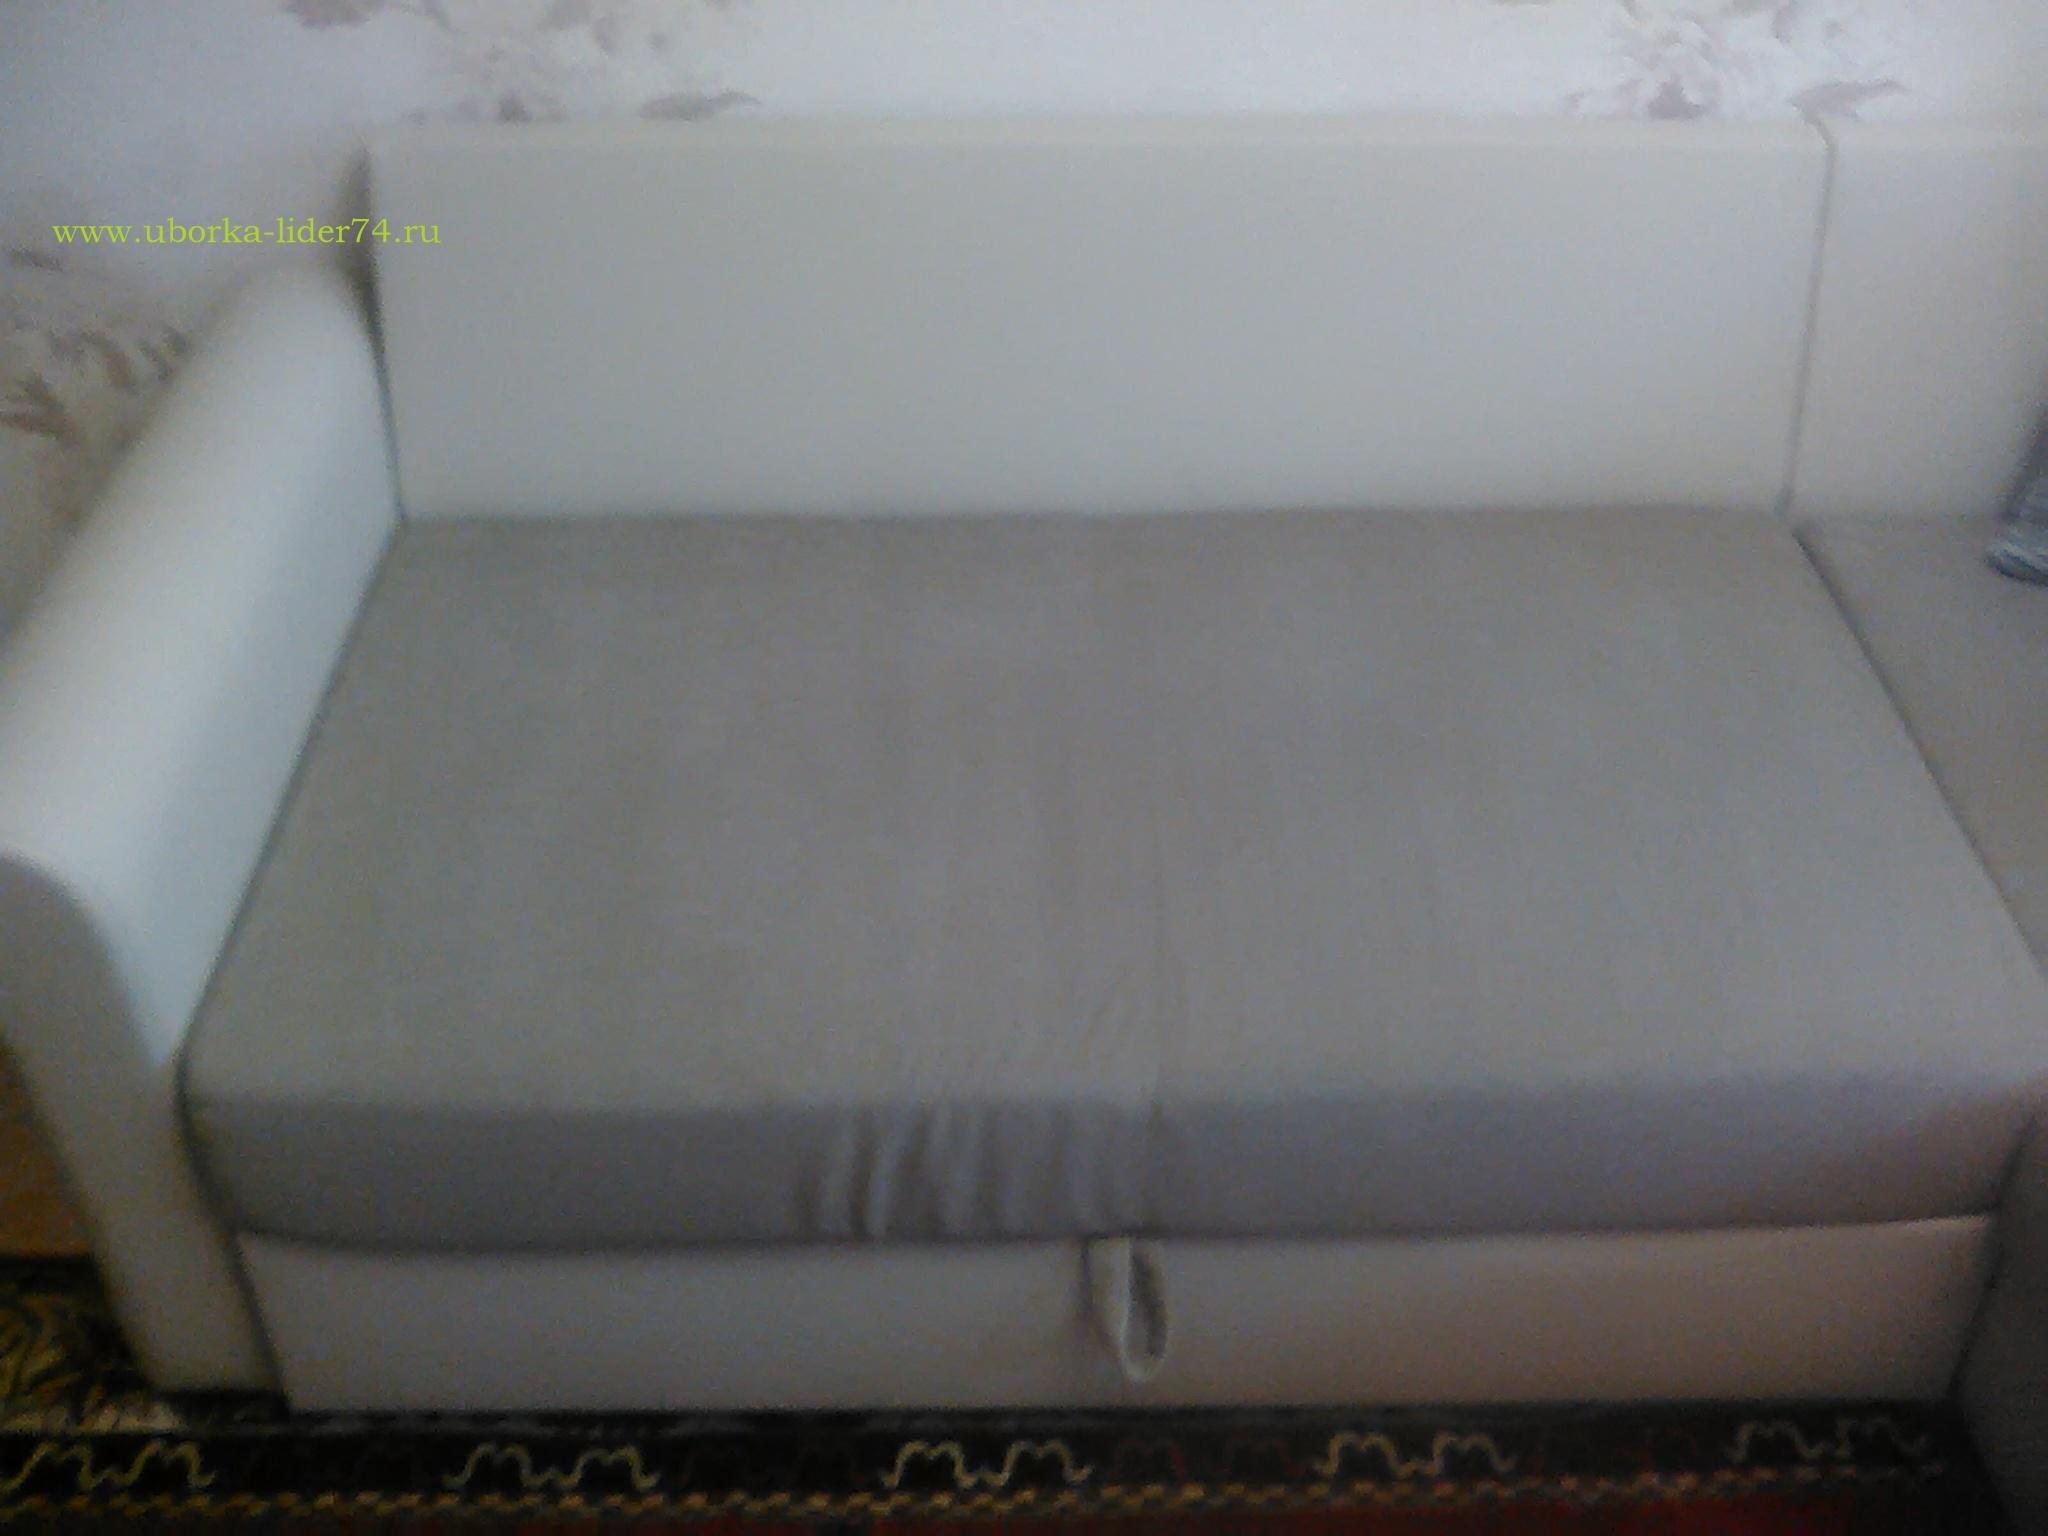 Химчистка диванов в Копейске